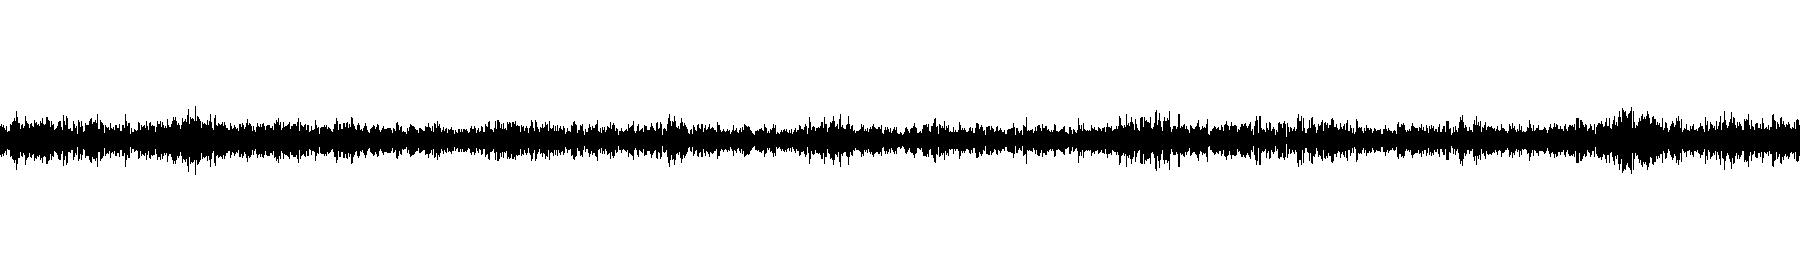 tfx texture 05